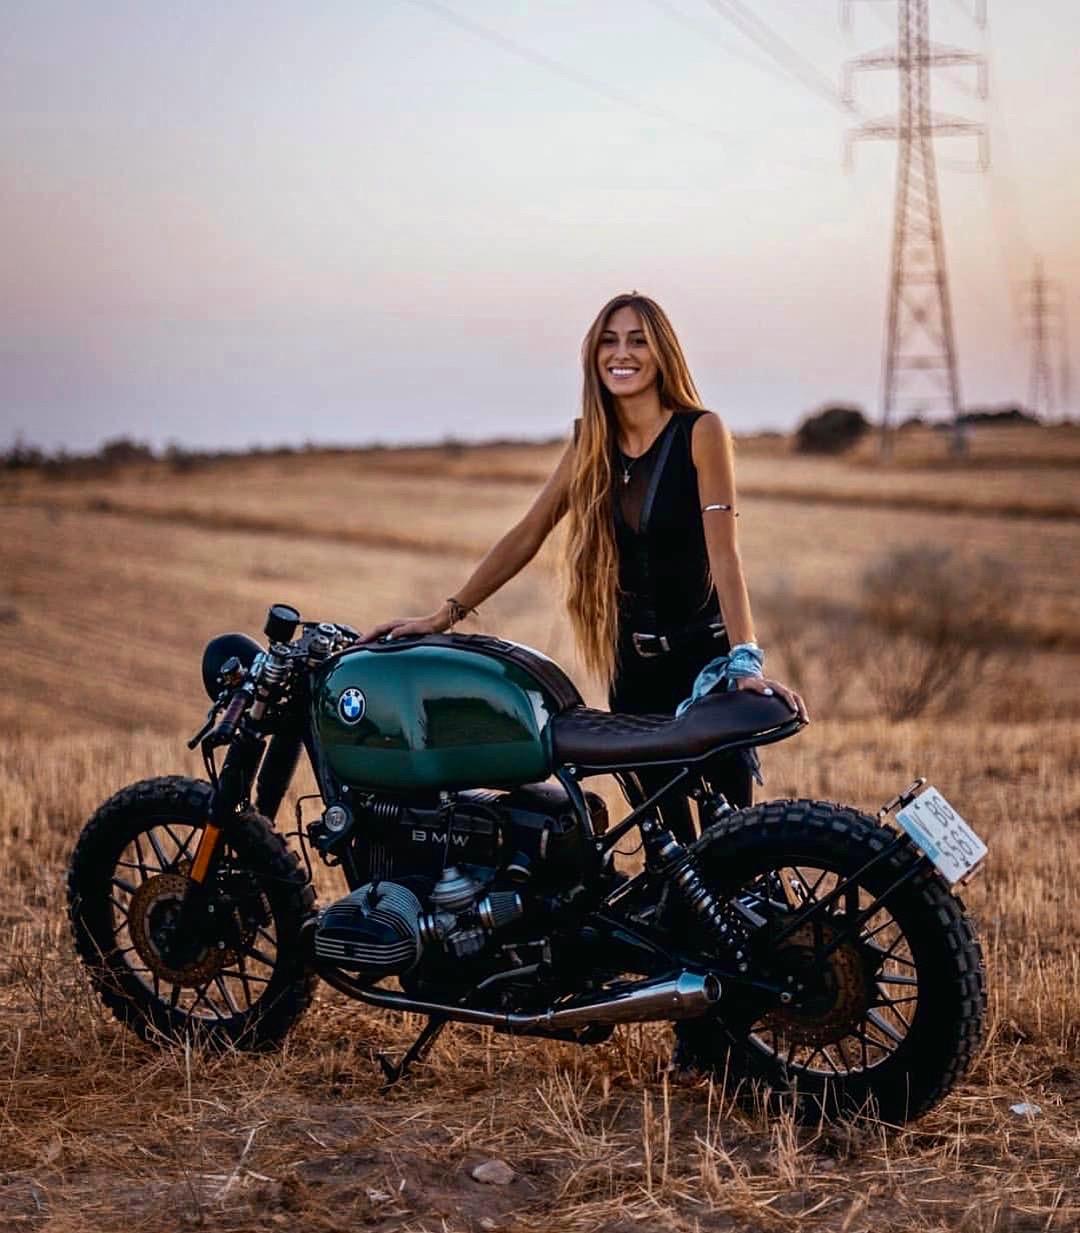 R100 Girl